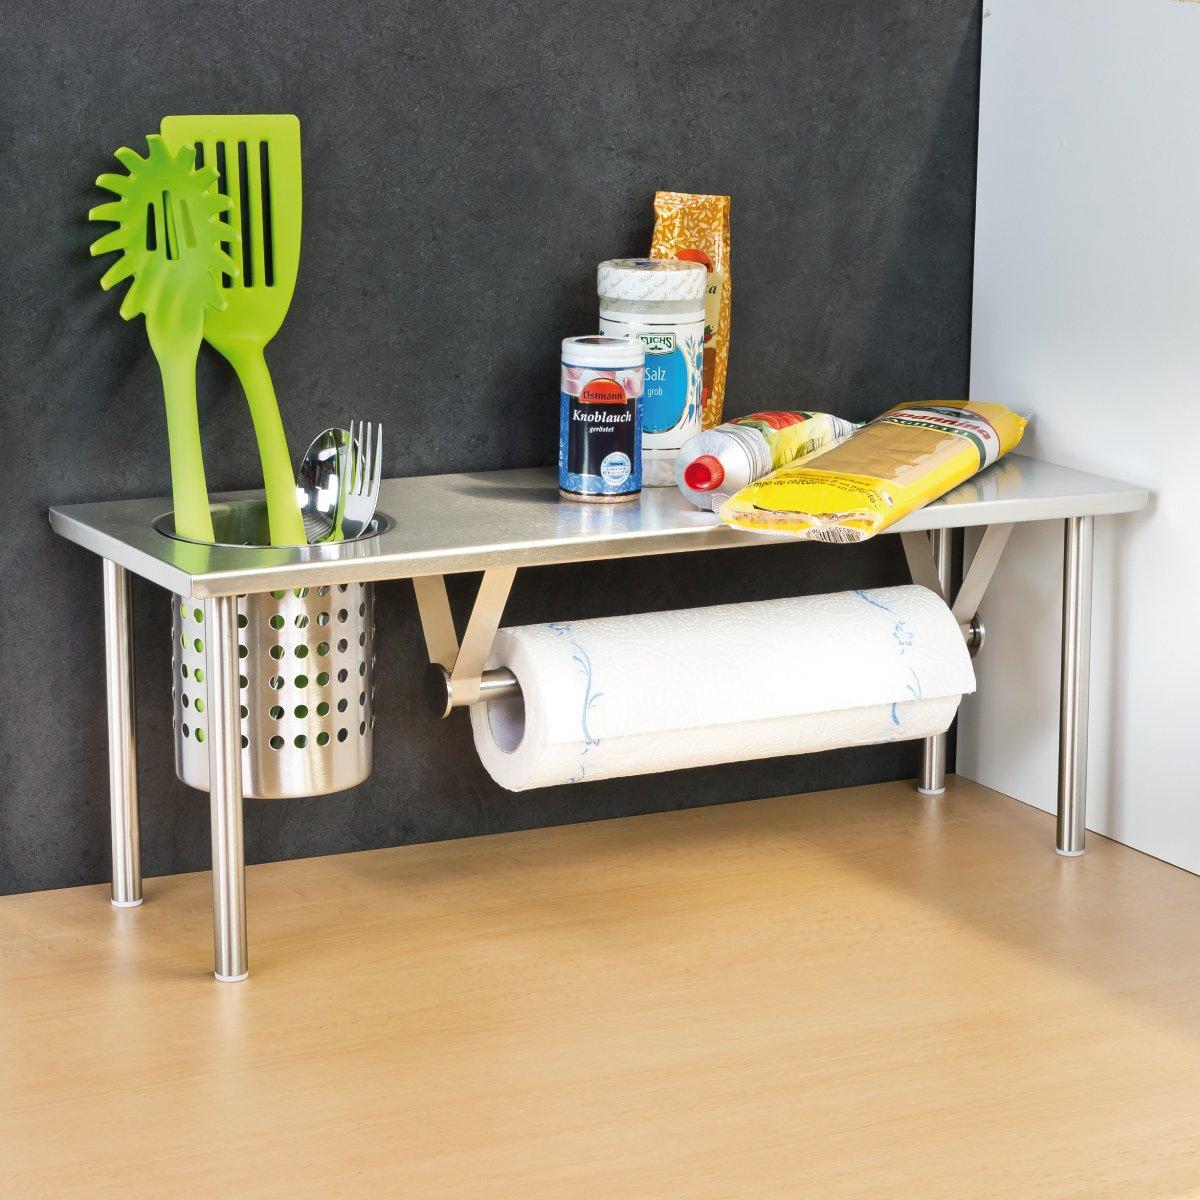 bremermann® Küchenregal mit Rollenhalter und Utensilienhalter ...